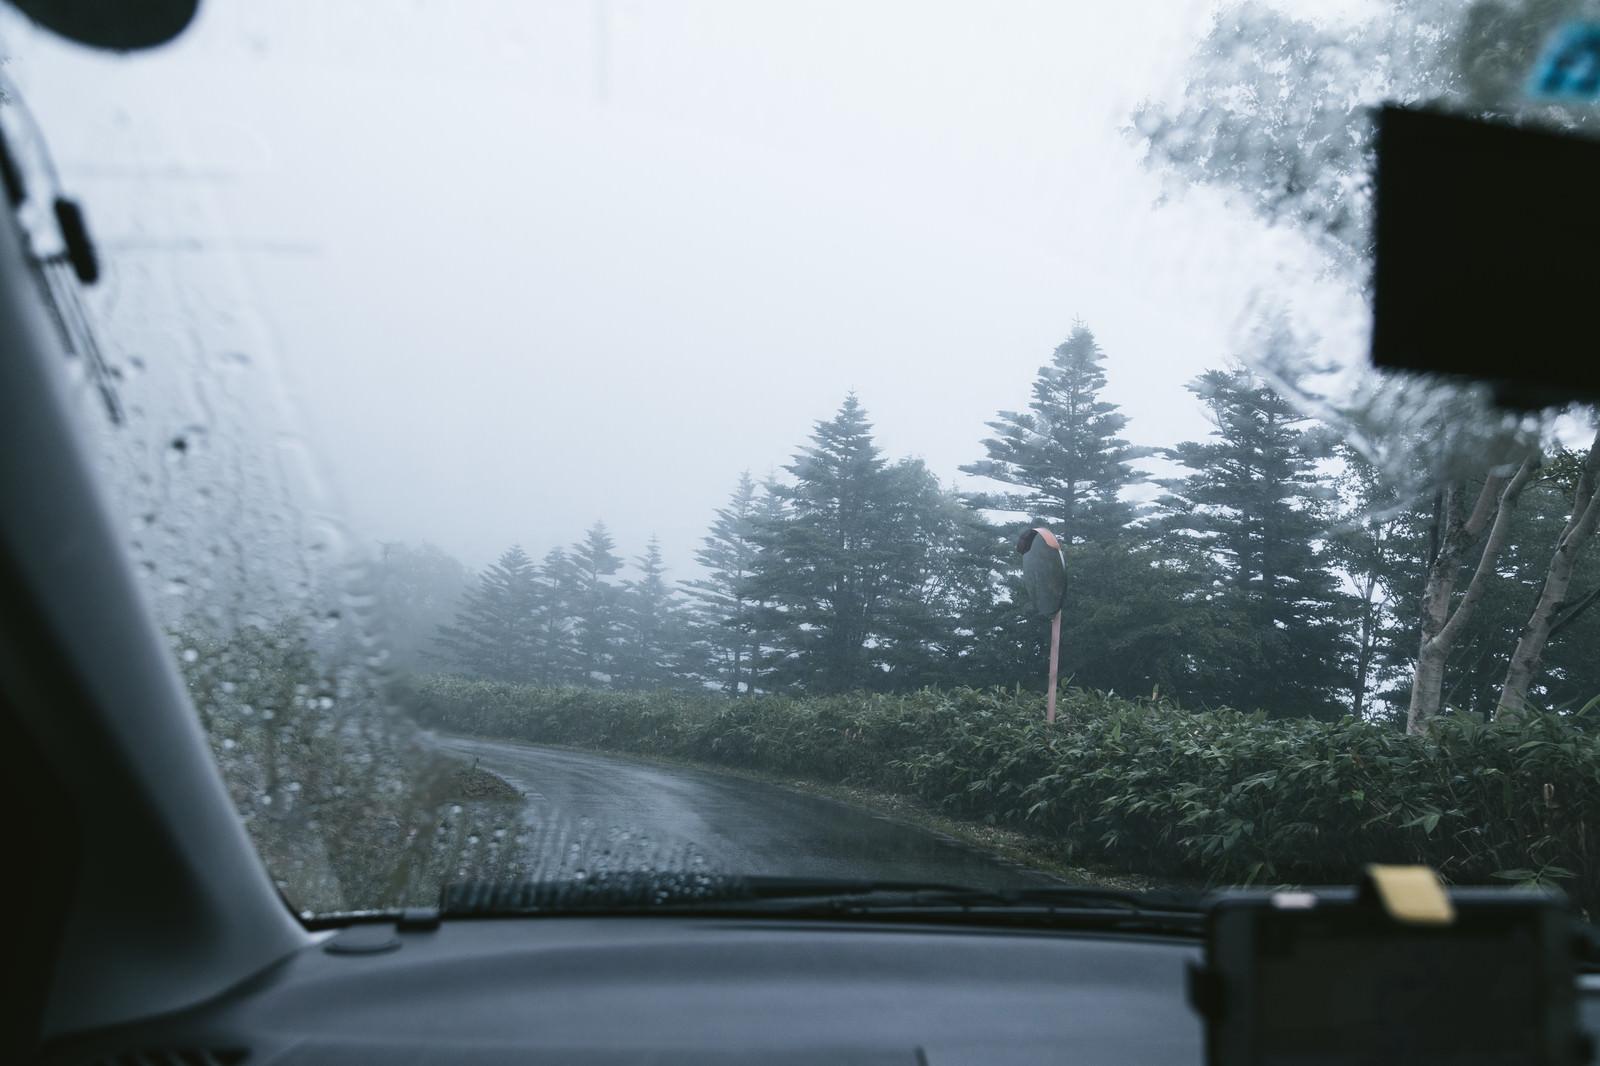 「雨天時に走行する車の中雨天時に走行する車の中」のフリー写真素材を拡大